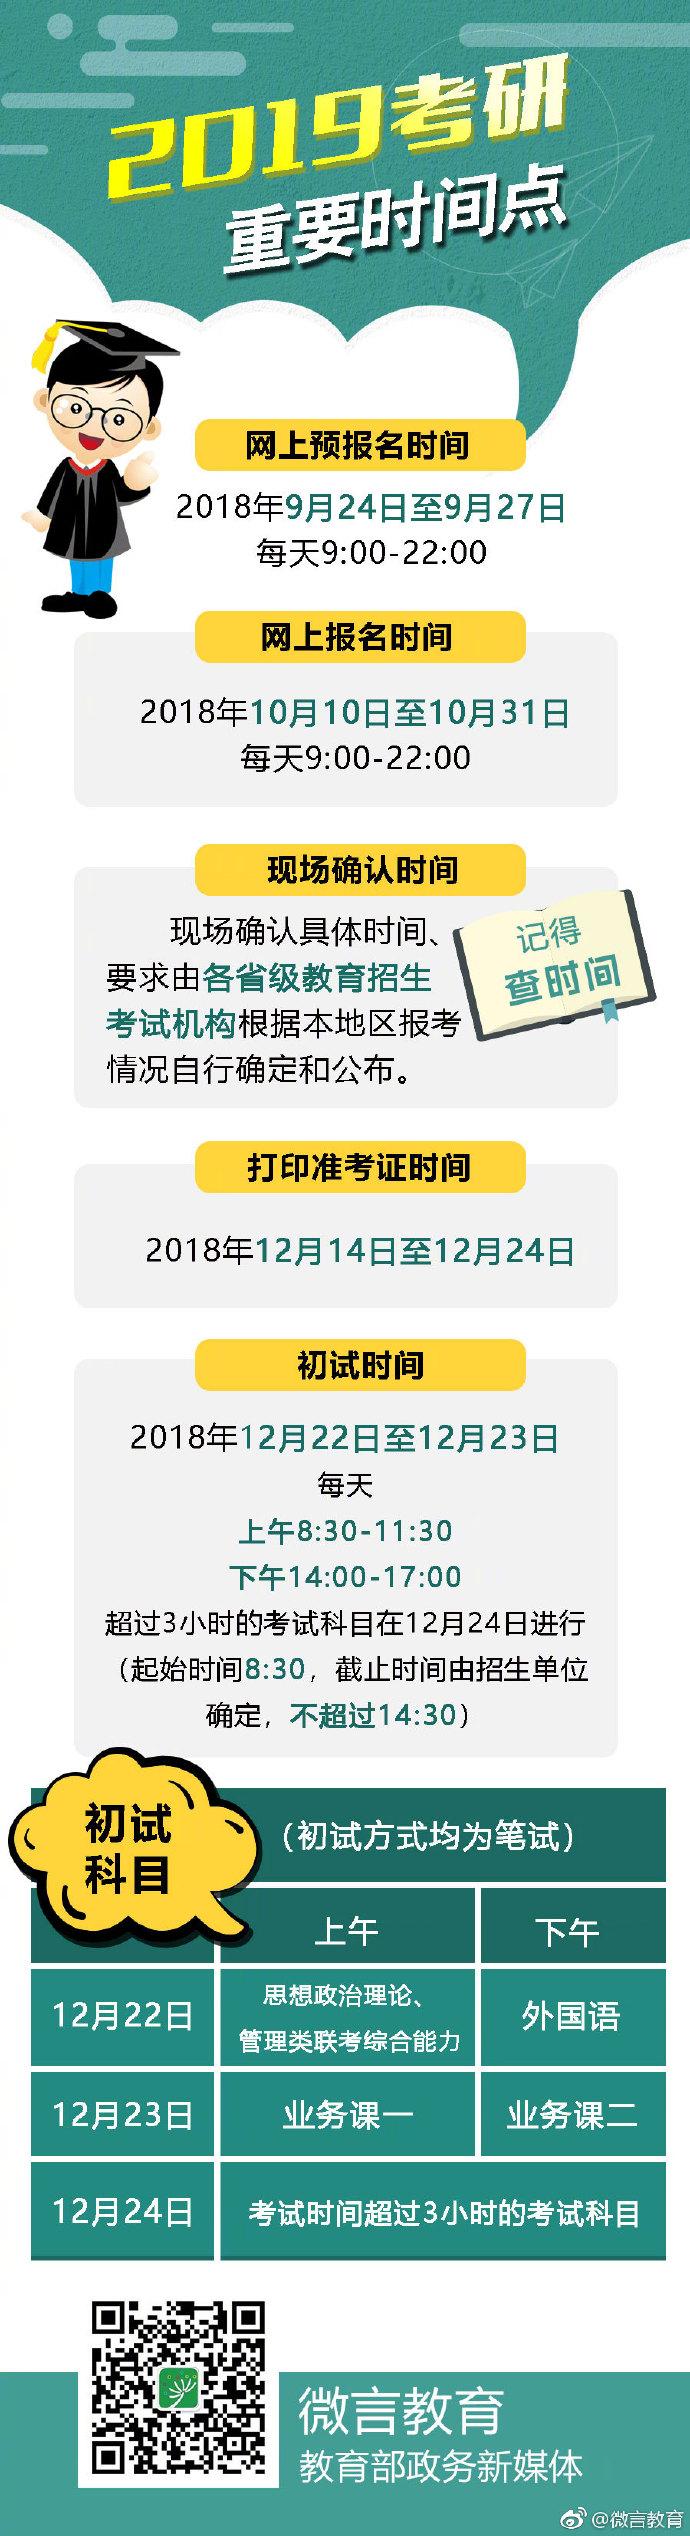 2019考研10月10日起报名 12月22日至23日考试香港理工大学内地招生网